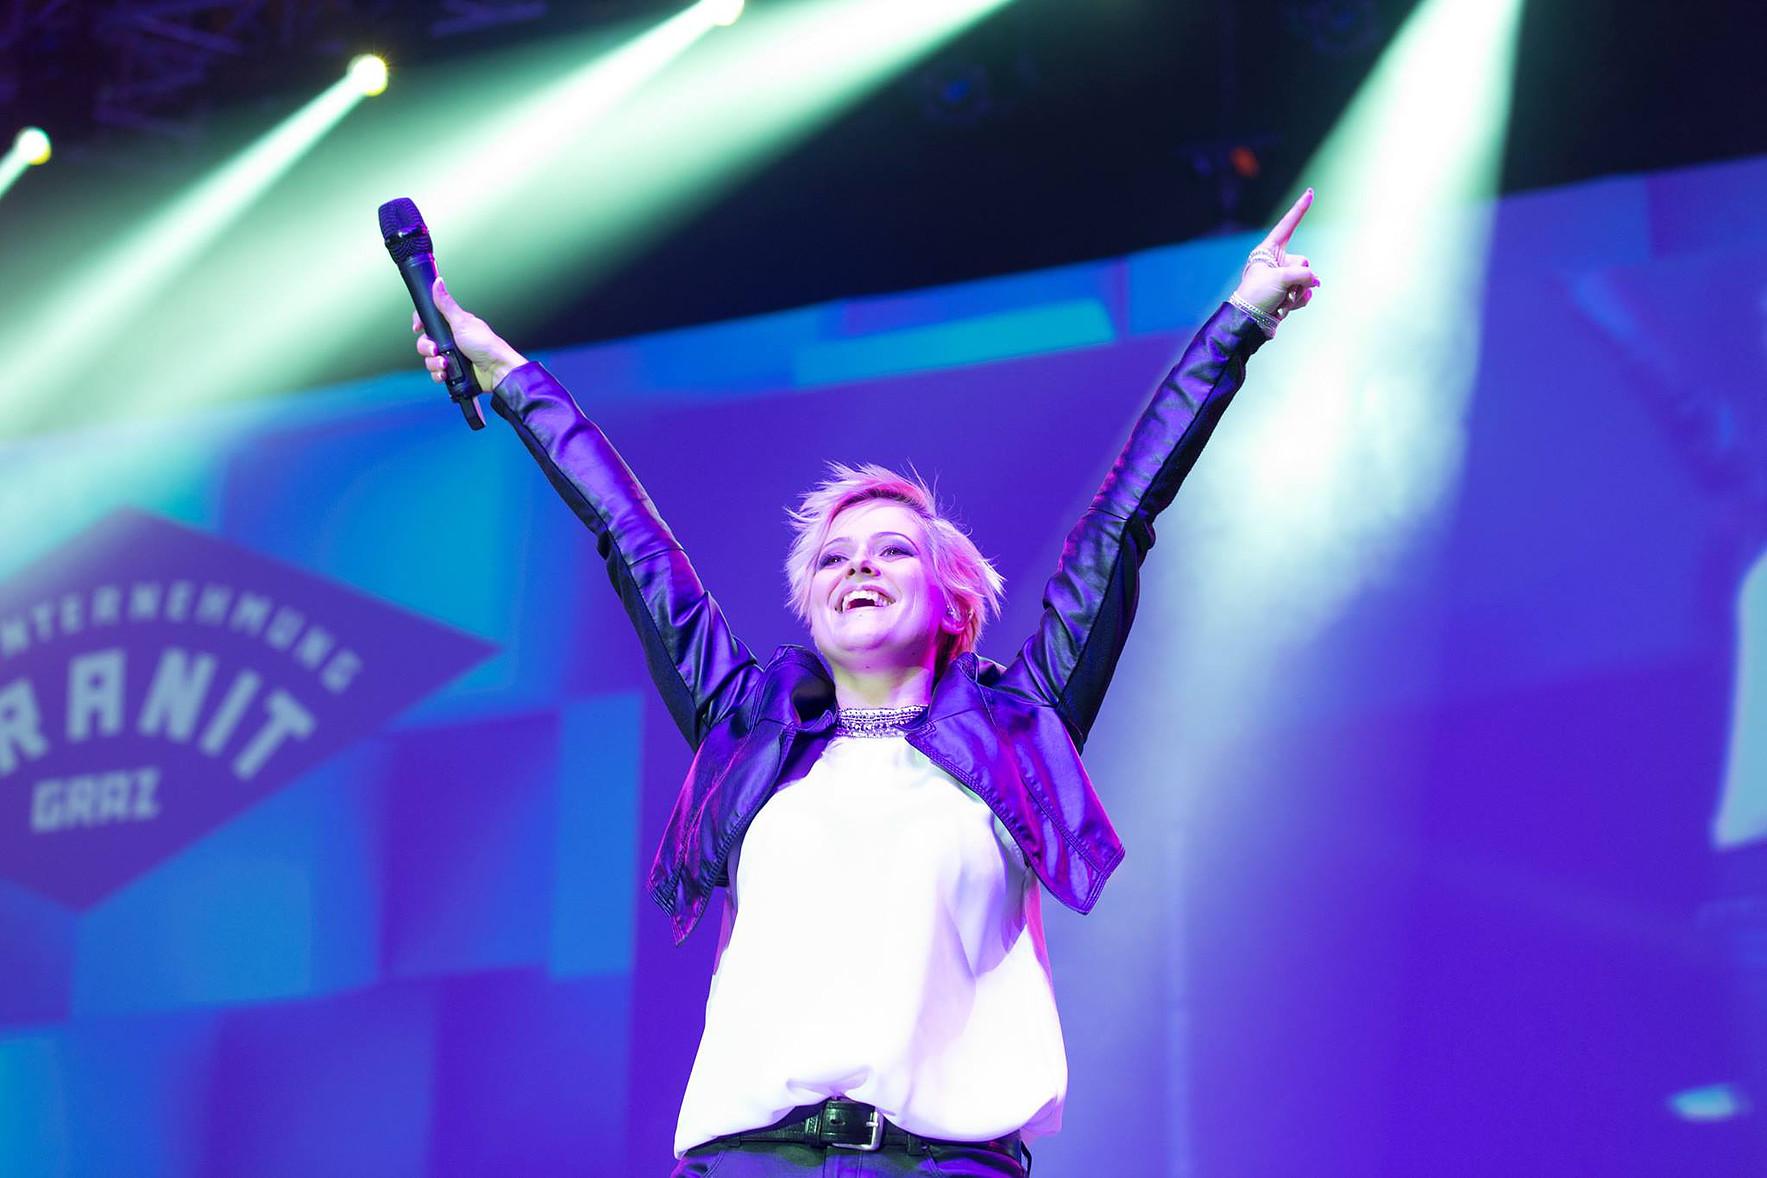 Die erfolgreiche steirische Sängerin Jeannine Rossi bei einem Auftritt in der Grazer Stadthalle (Foto Jeannine Rossi)